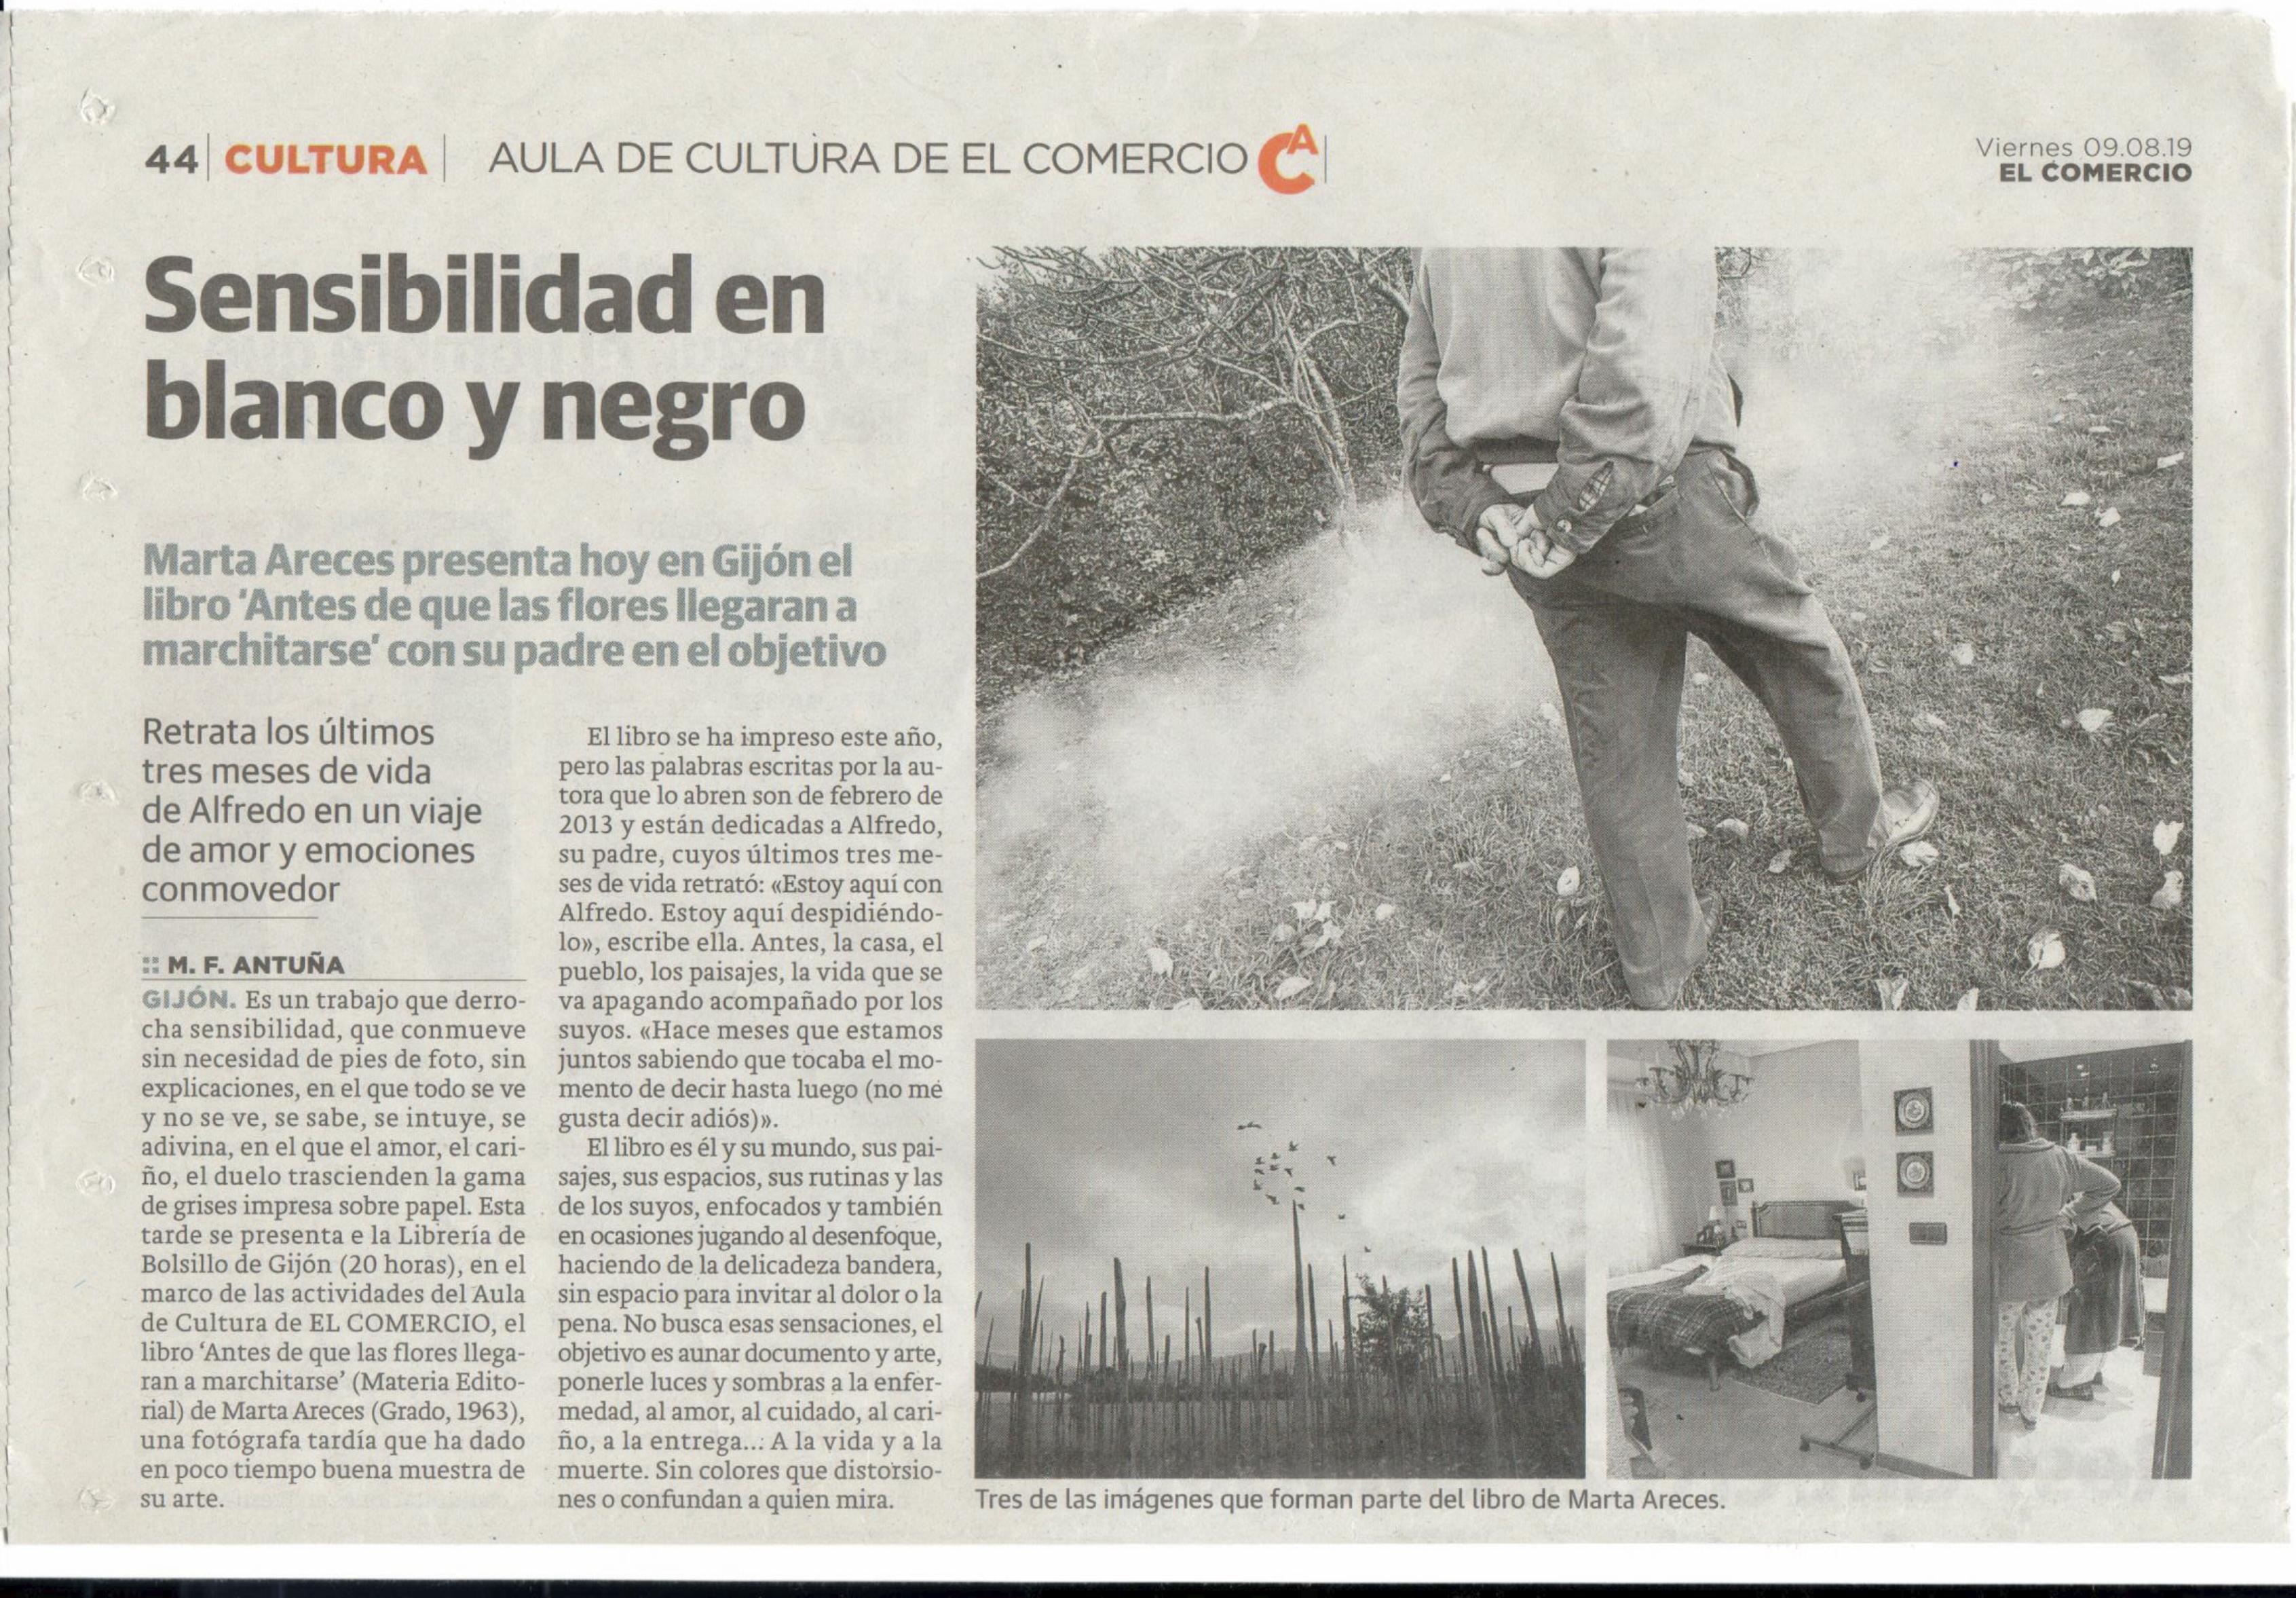 El Comercio 09.08.19